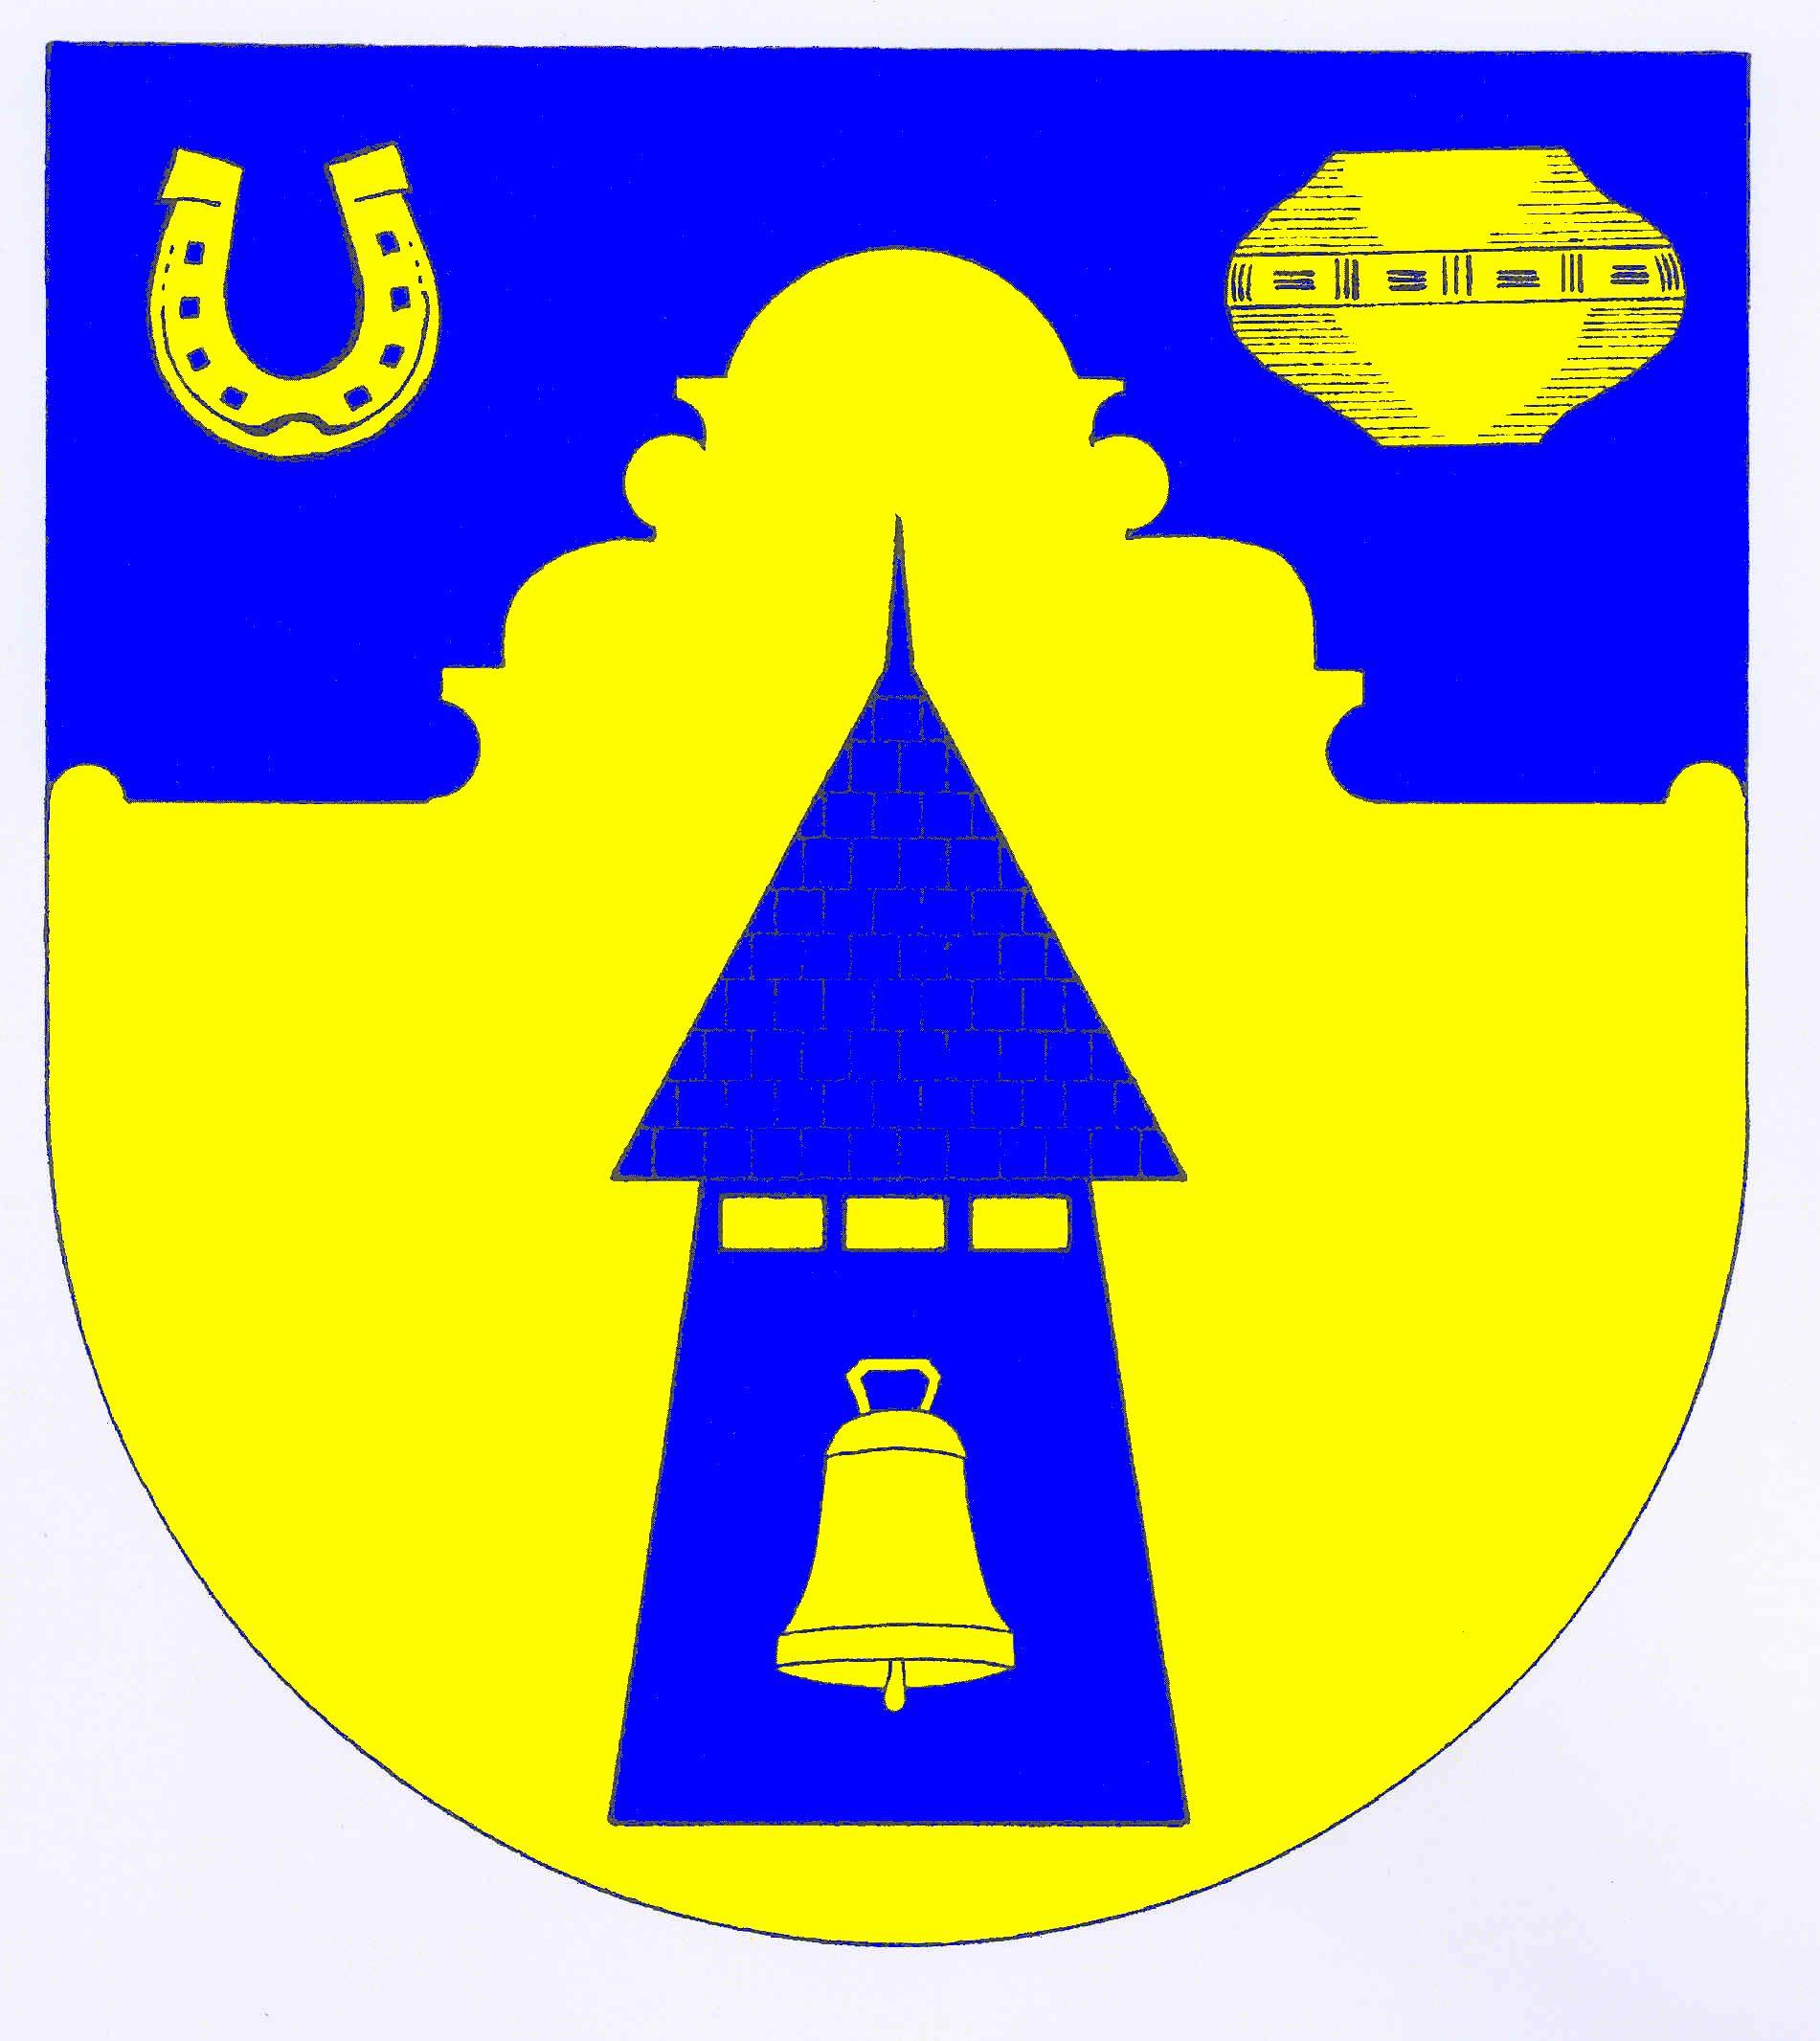 Wappen GemeindeNorderbrarup, Kreis Schleswig-Flensburg